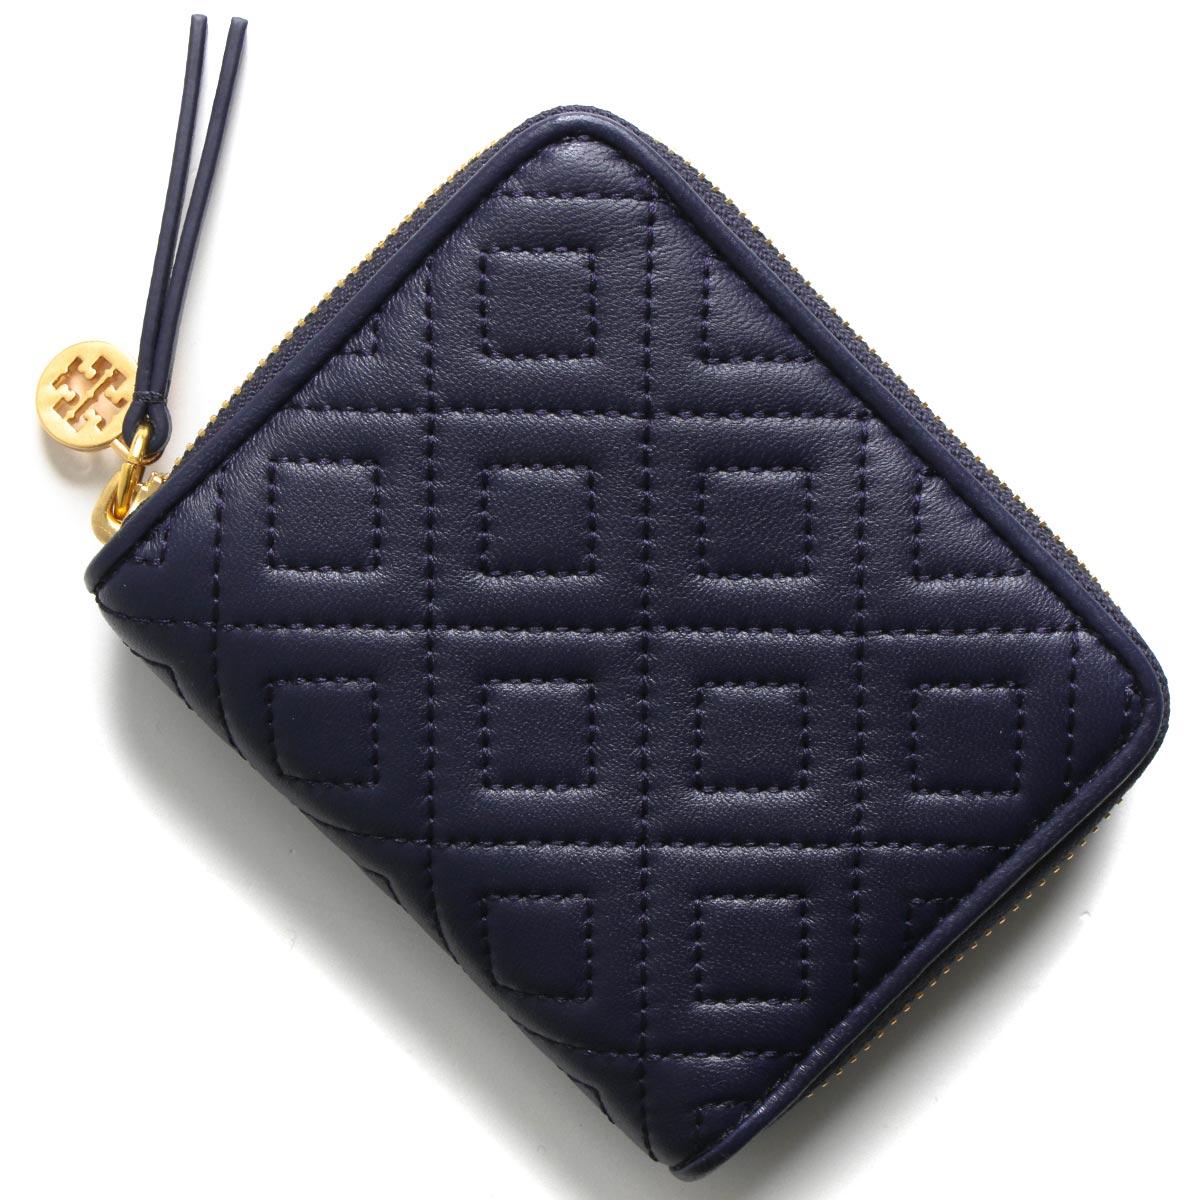 トリーバーチ 二つ折り財布 財布 レディース フレミング ミディアム キルティング ロイヤルネイビー 43558 403 TORY BURCH